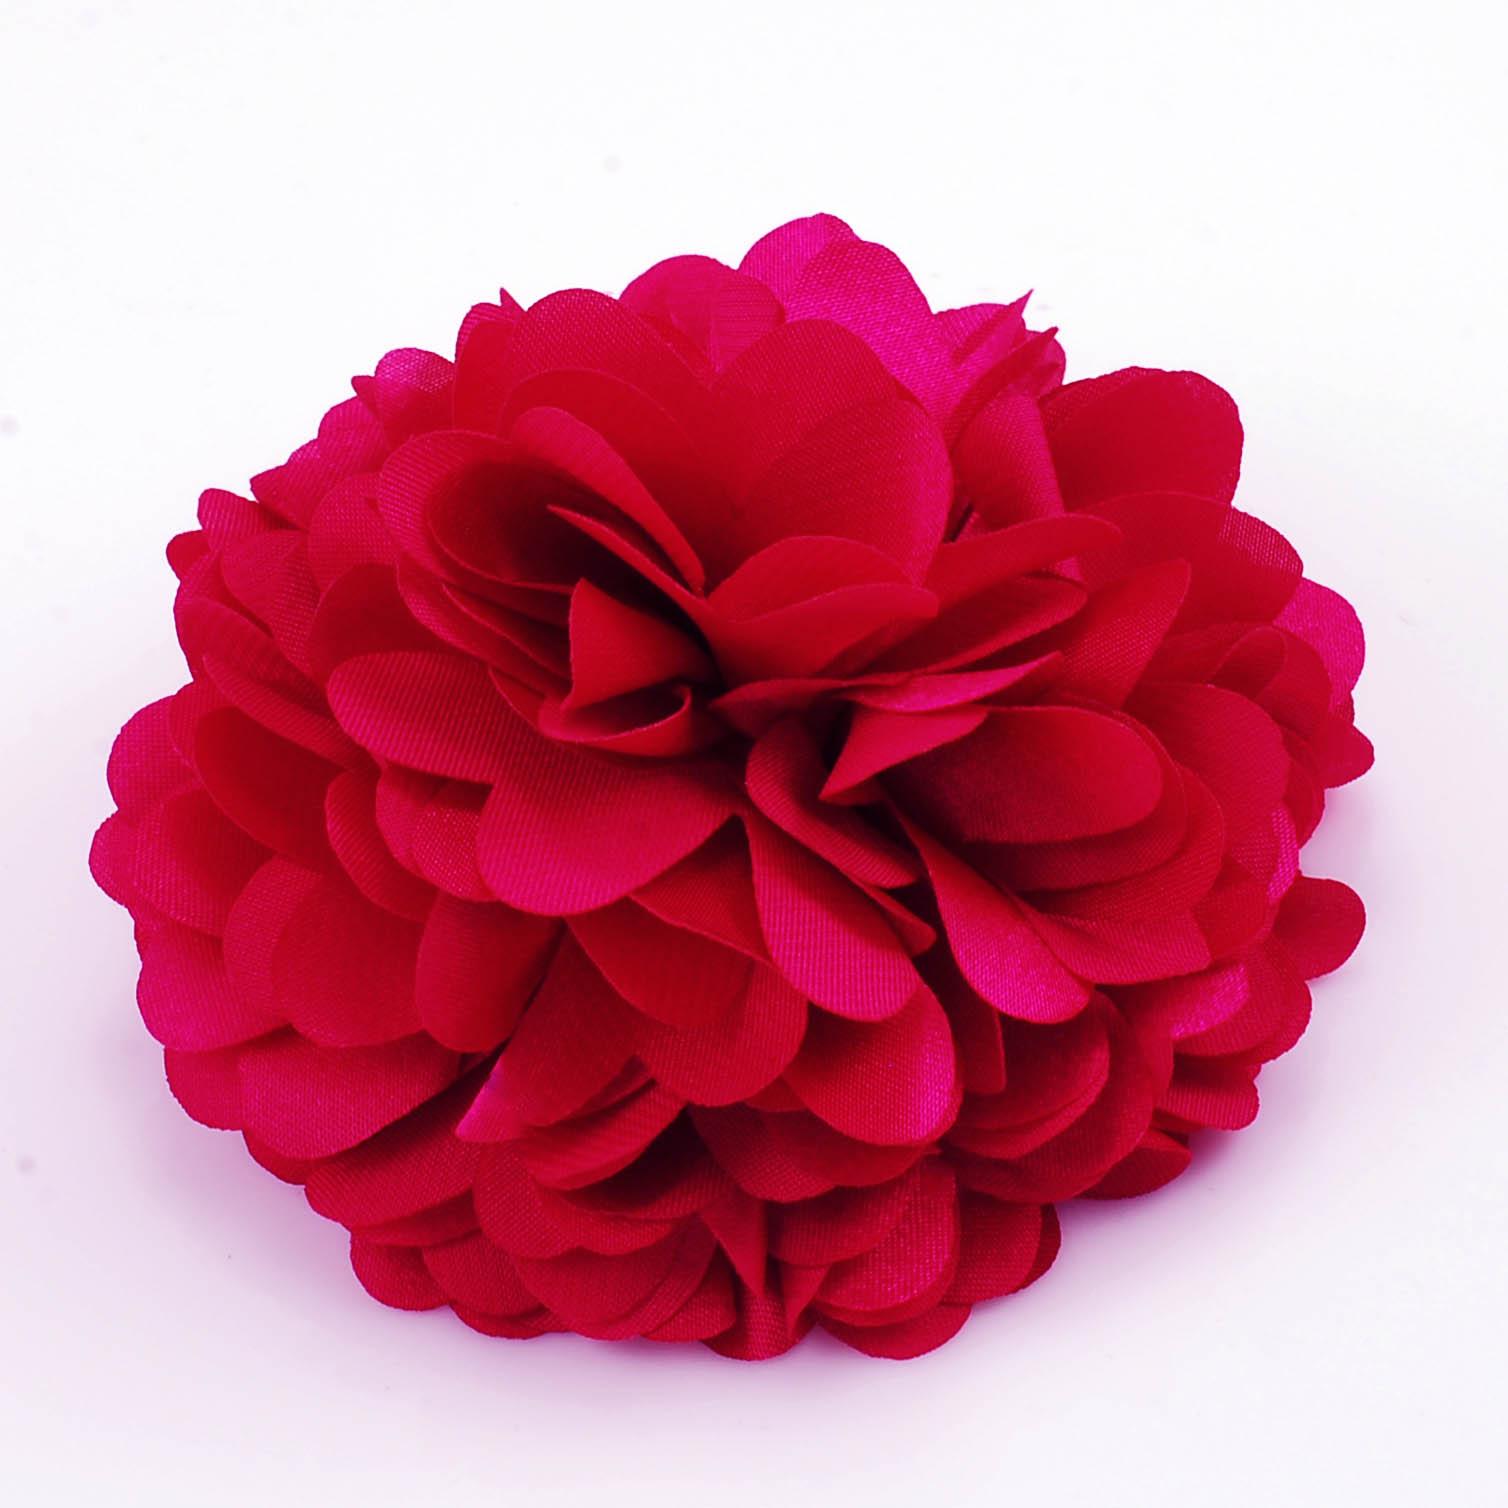 Artificial flower brooch pin mightylinksfo